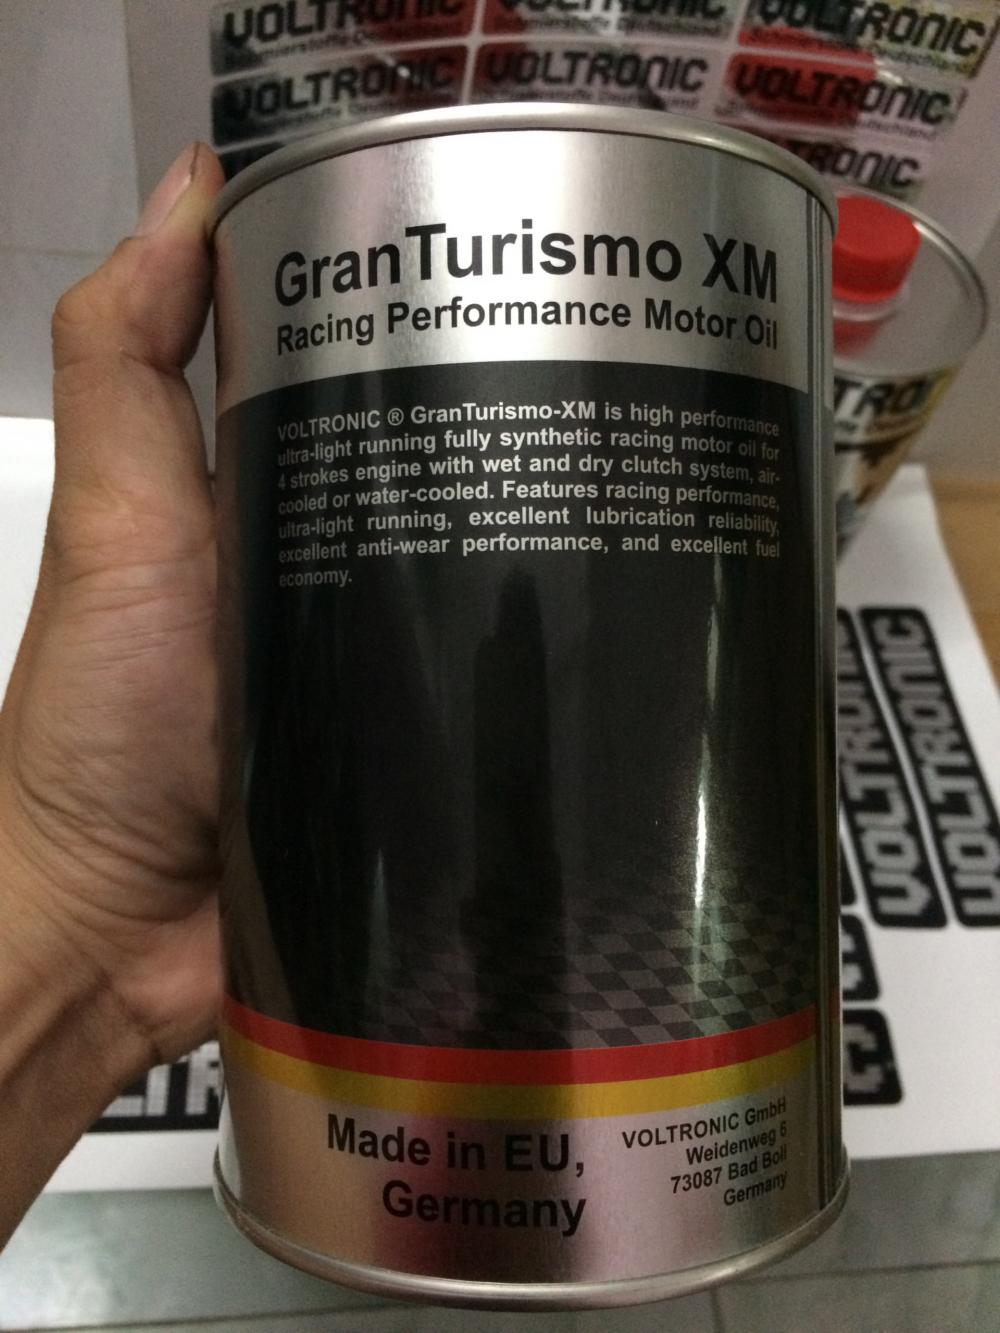 SHOPEE Voltronic XM GranTurismo Combo Chiet le 1lit11lit21lit31lit4 Germany - 7